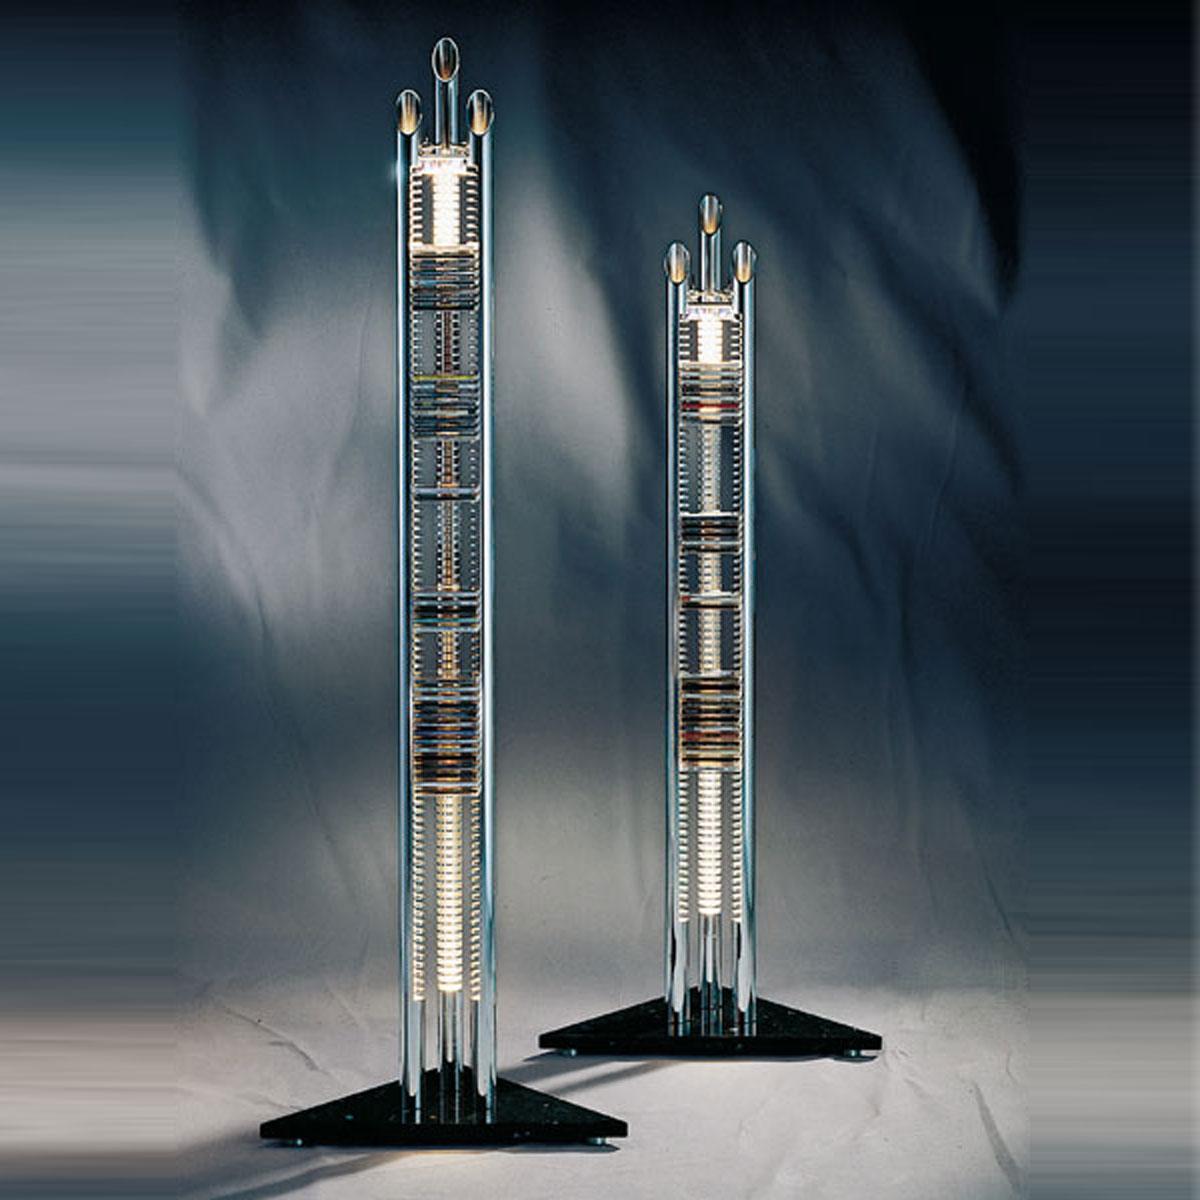 CD Ständer aus Aluminium, beleuchtet mit Marmorsockel. Verschiedene Höhen. Für 76-97 Cds. Mit Beleuchtung. Edles Design. Modell Tristar von Liko Design.